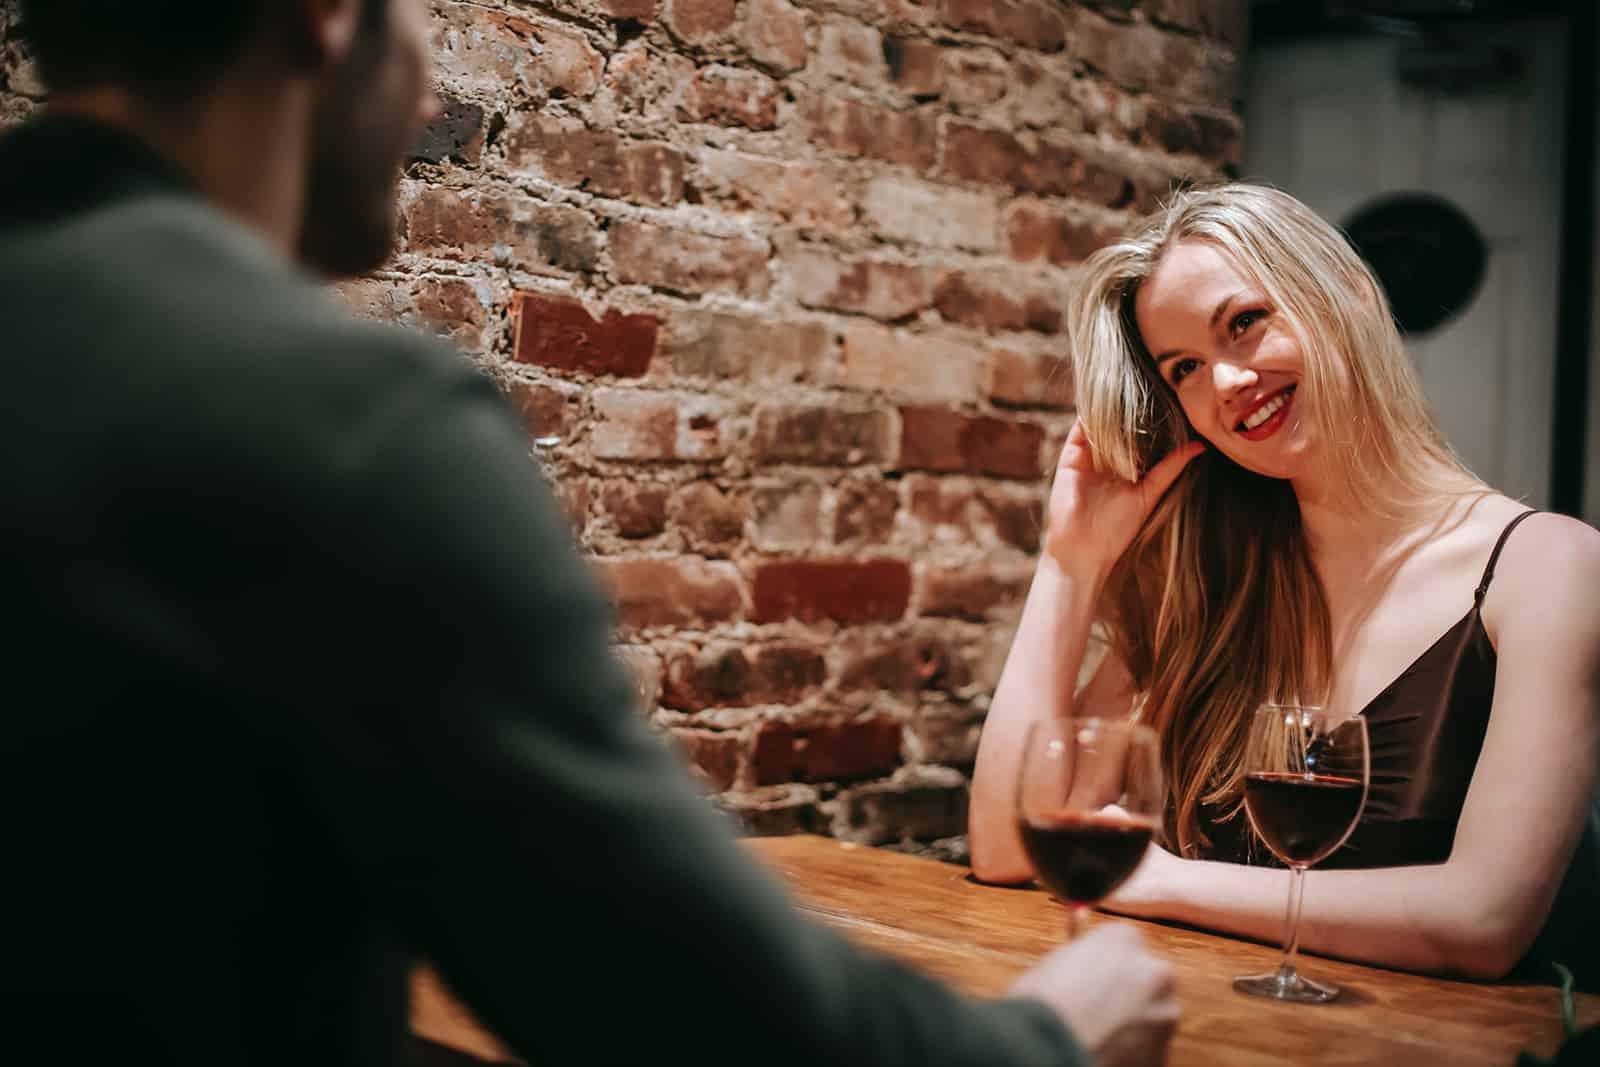 attraktive Frau, die mit einem Mann in einem Restaurant sitzt und zusammen Wein trinkt